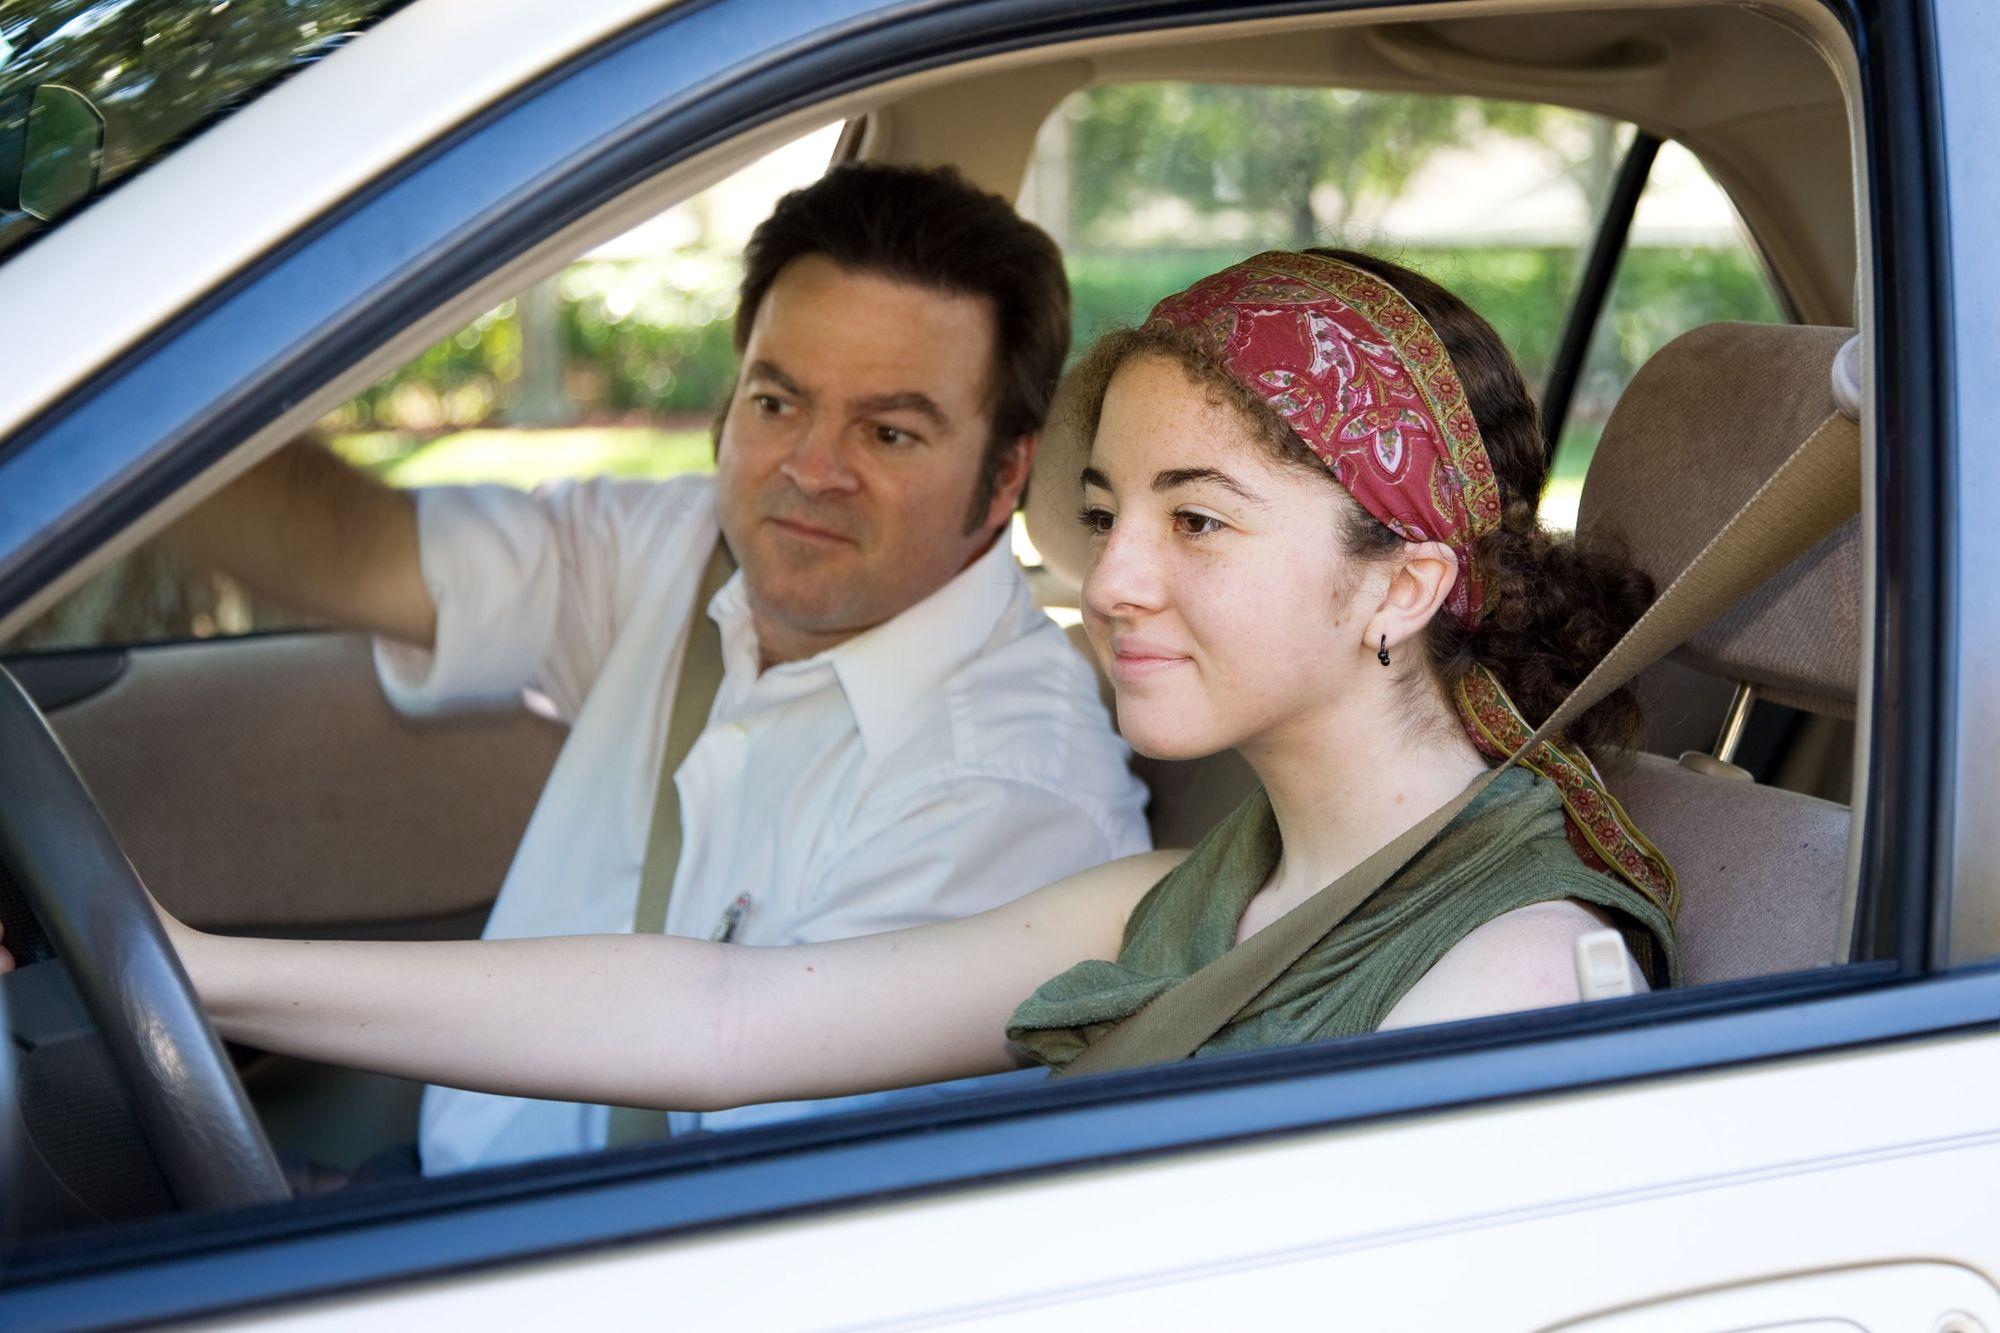 Adolescentes pueden prevenir accidentes al manejar